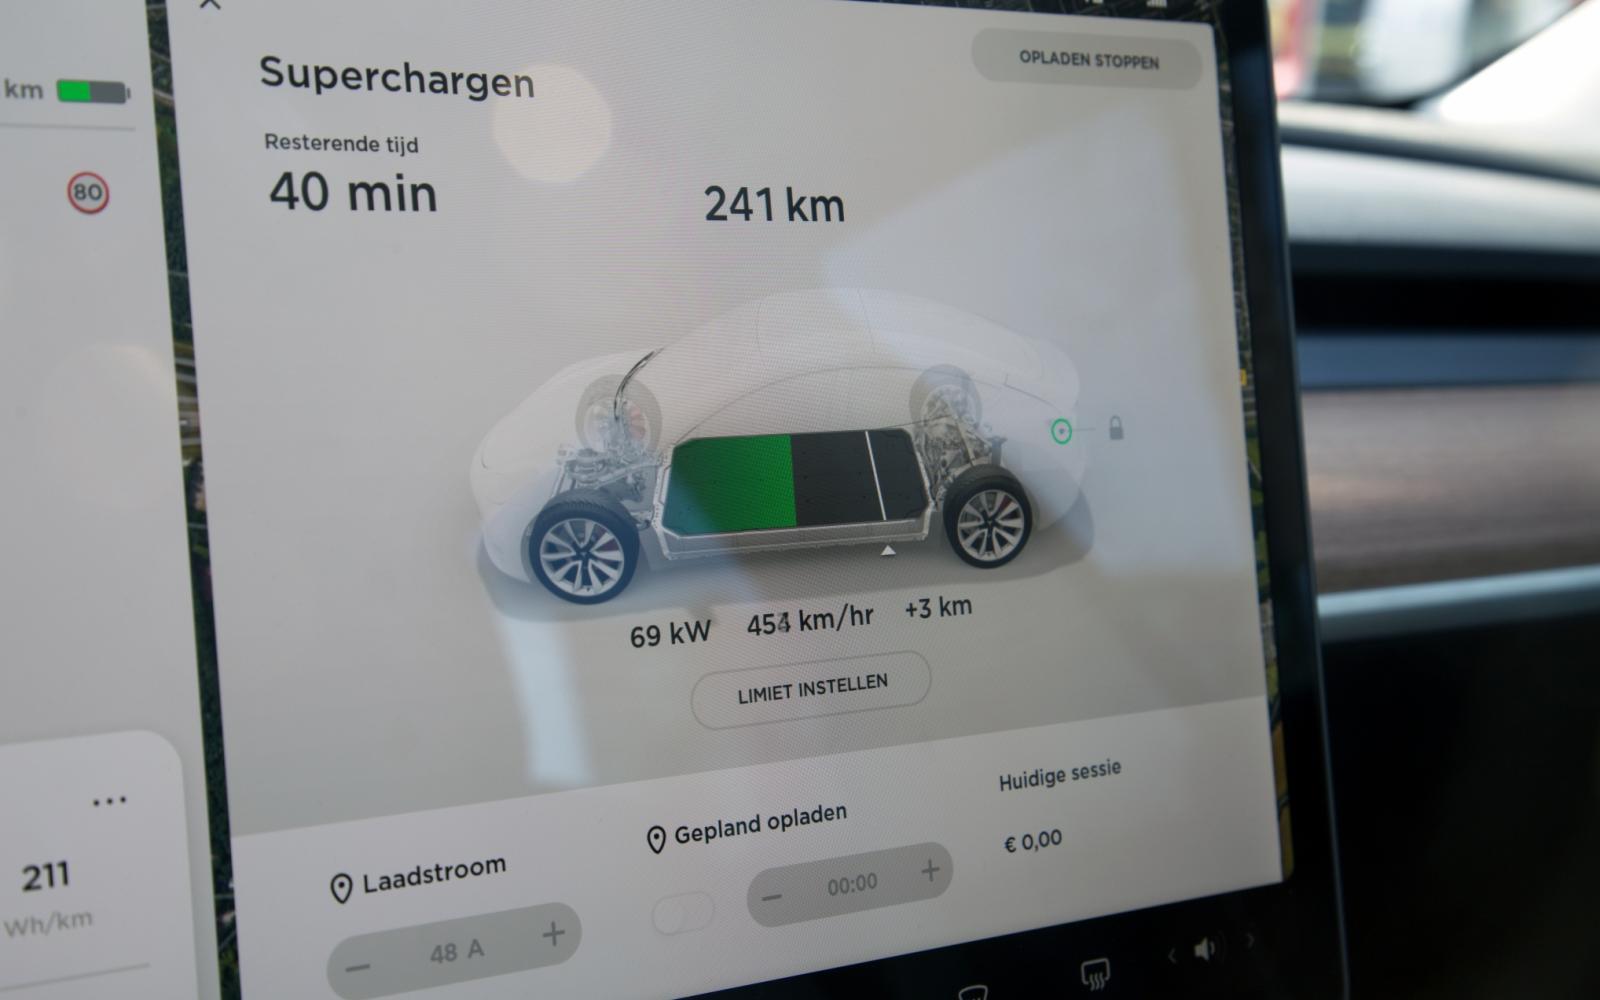 Zo krijg je gratis 12 000 Supercharger kilometers bij een